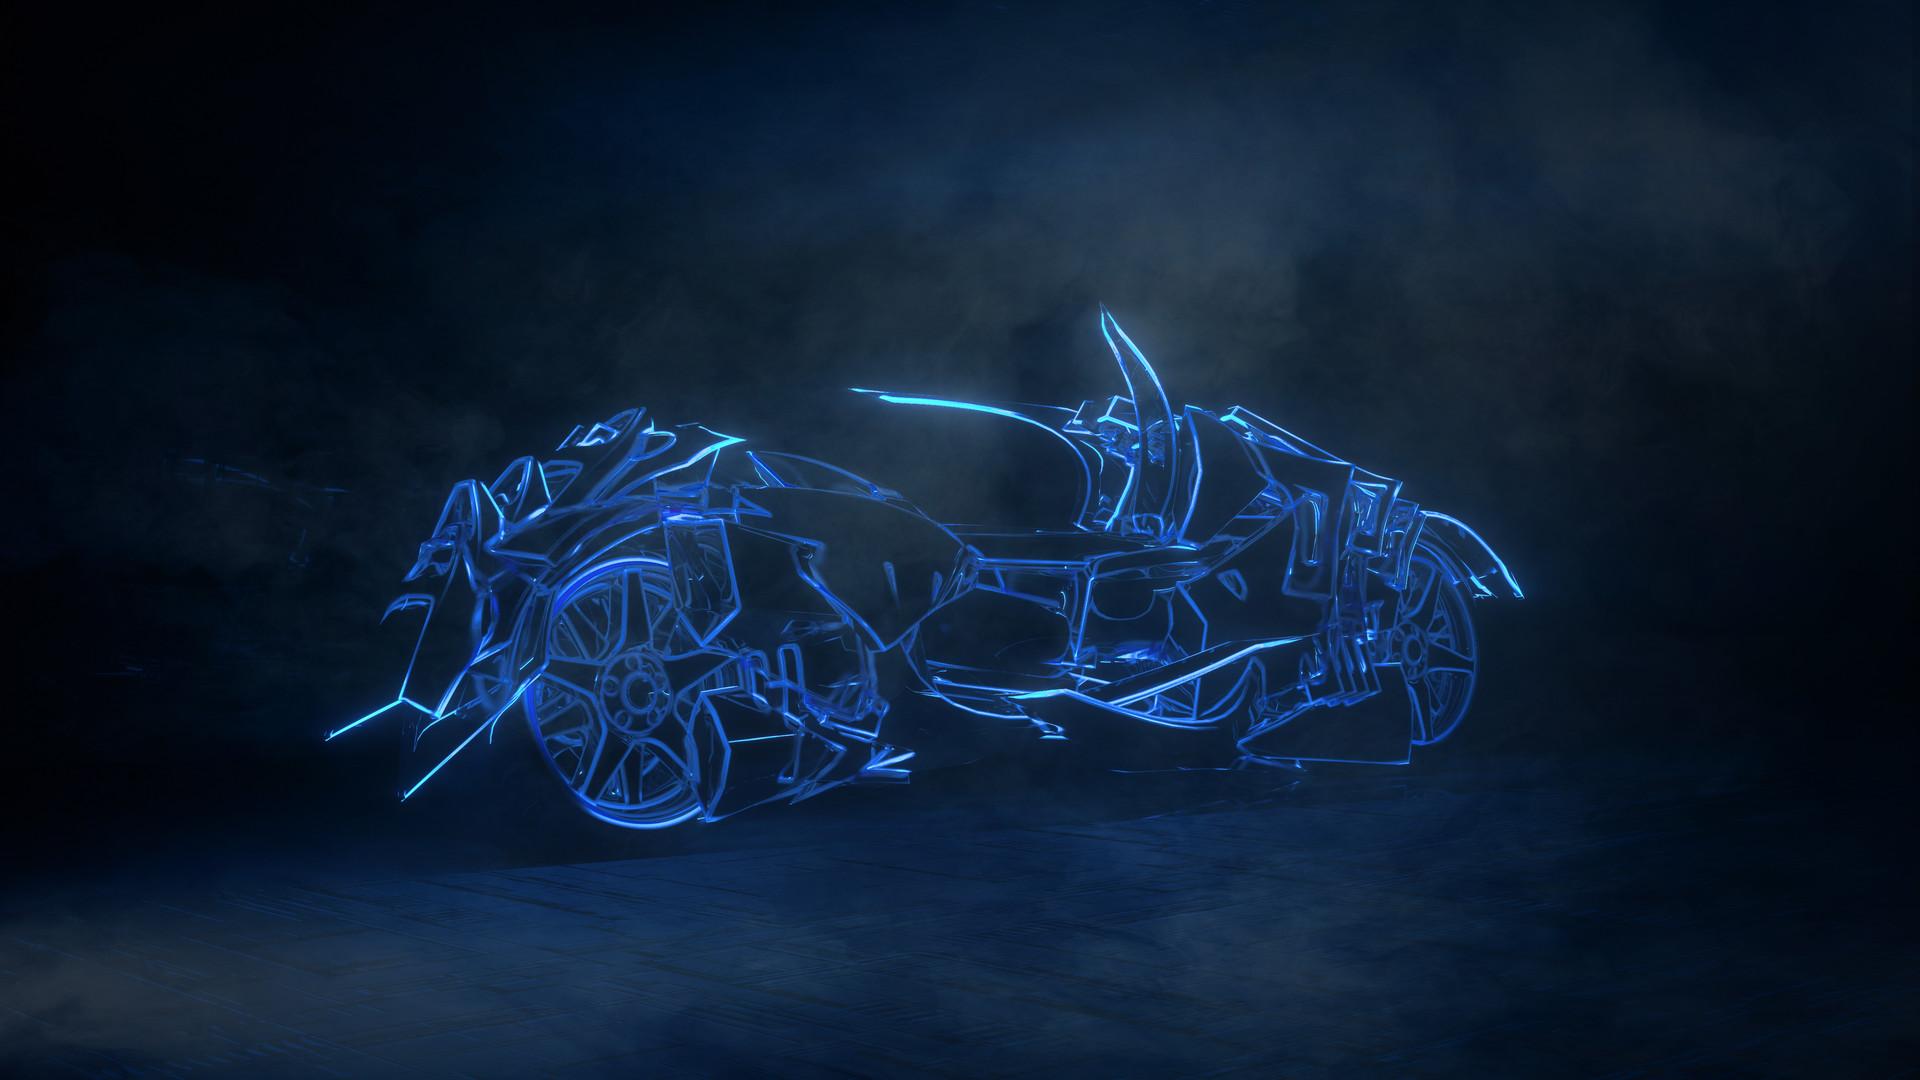 Kresimir jelusic robob3ar 398 141116 crs 14 corvete bike tron version kv ps